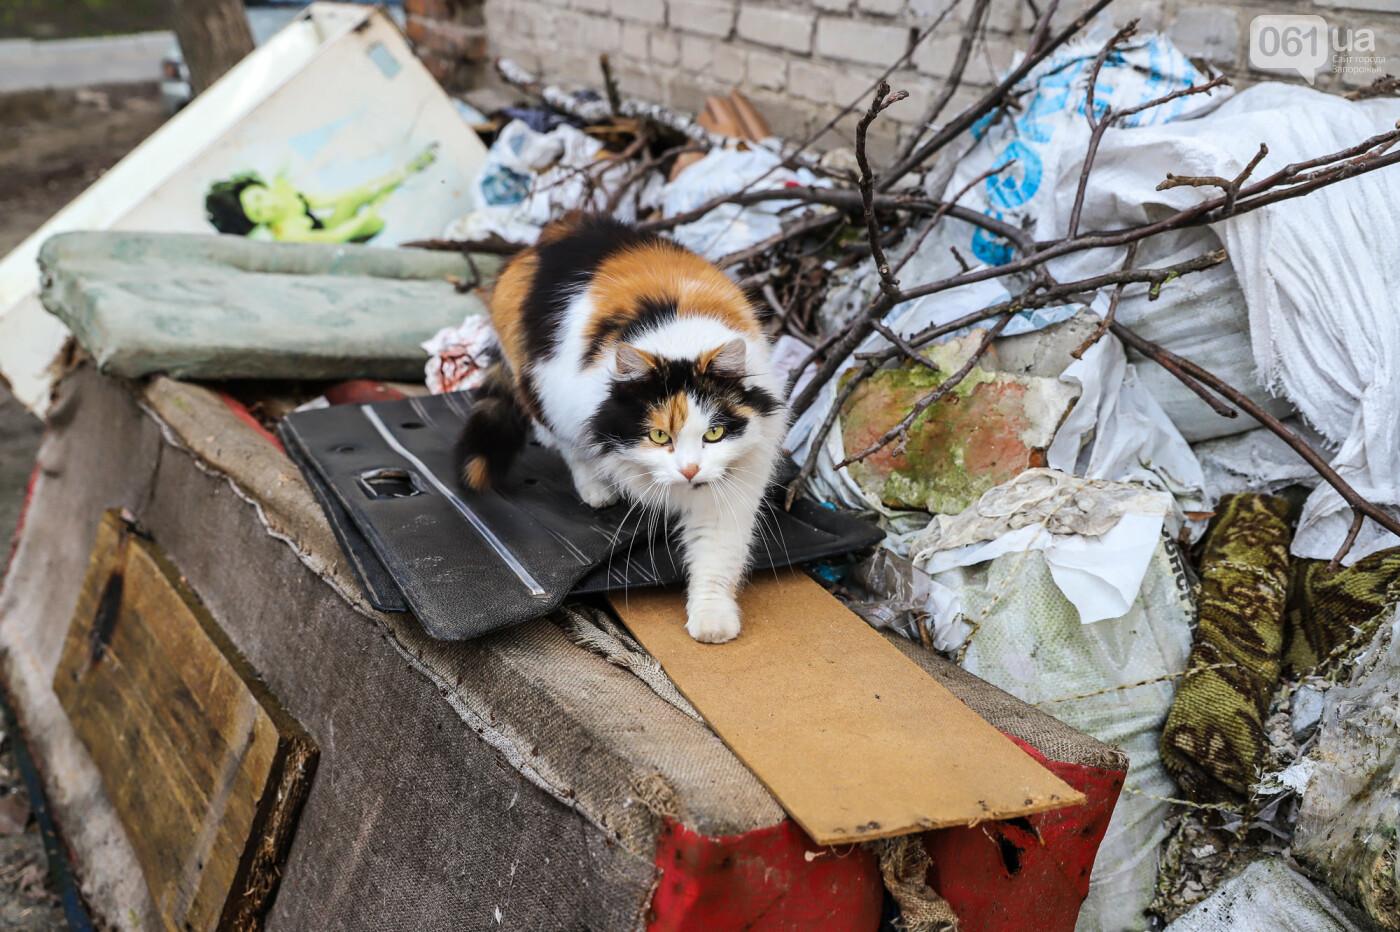 «В плену у заповедника»: как на Хортице живут люди без права на приватизацию жилья, - ФОТОРЕПОРТАЖ , фото-38